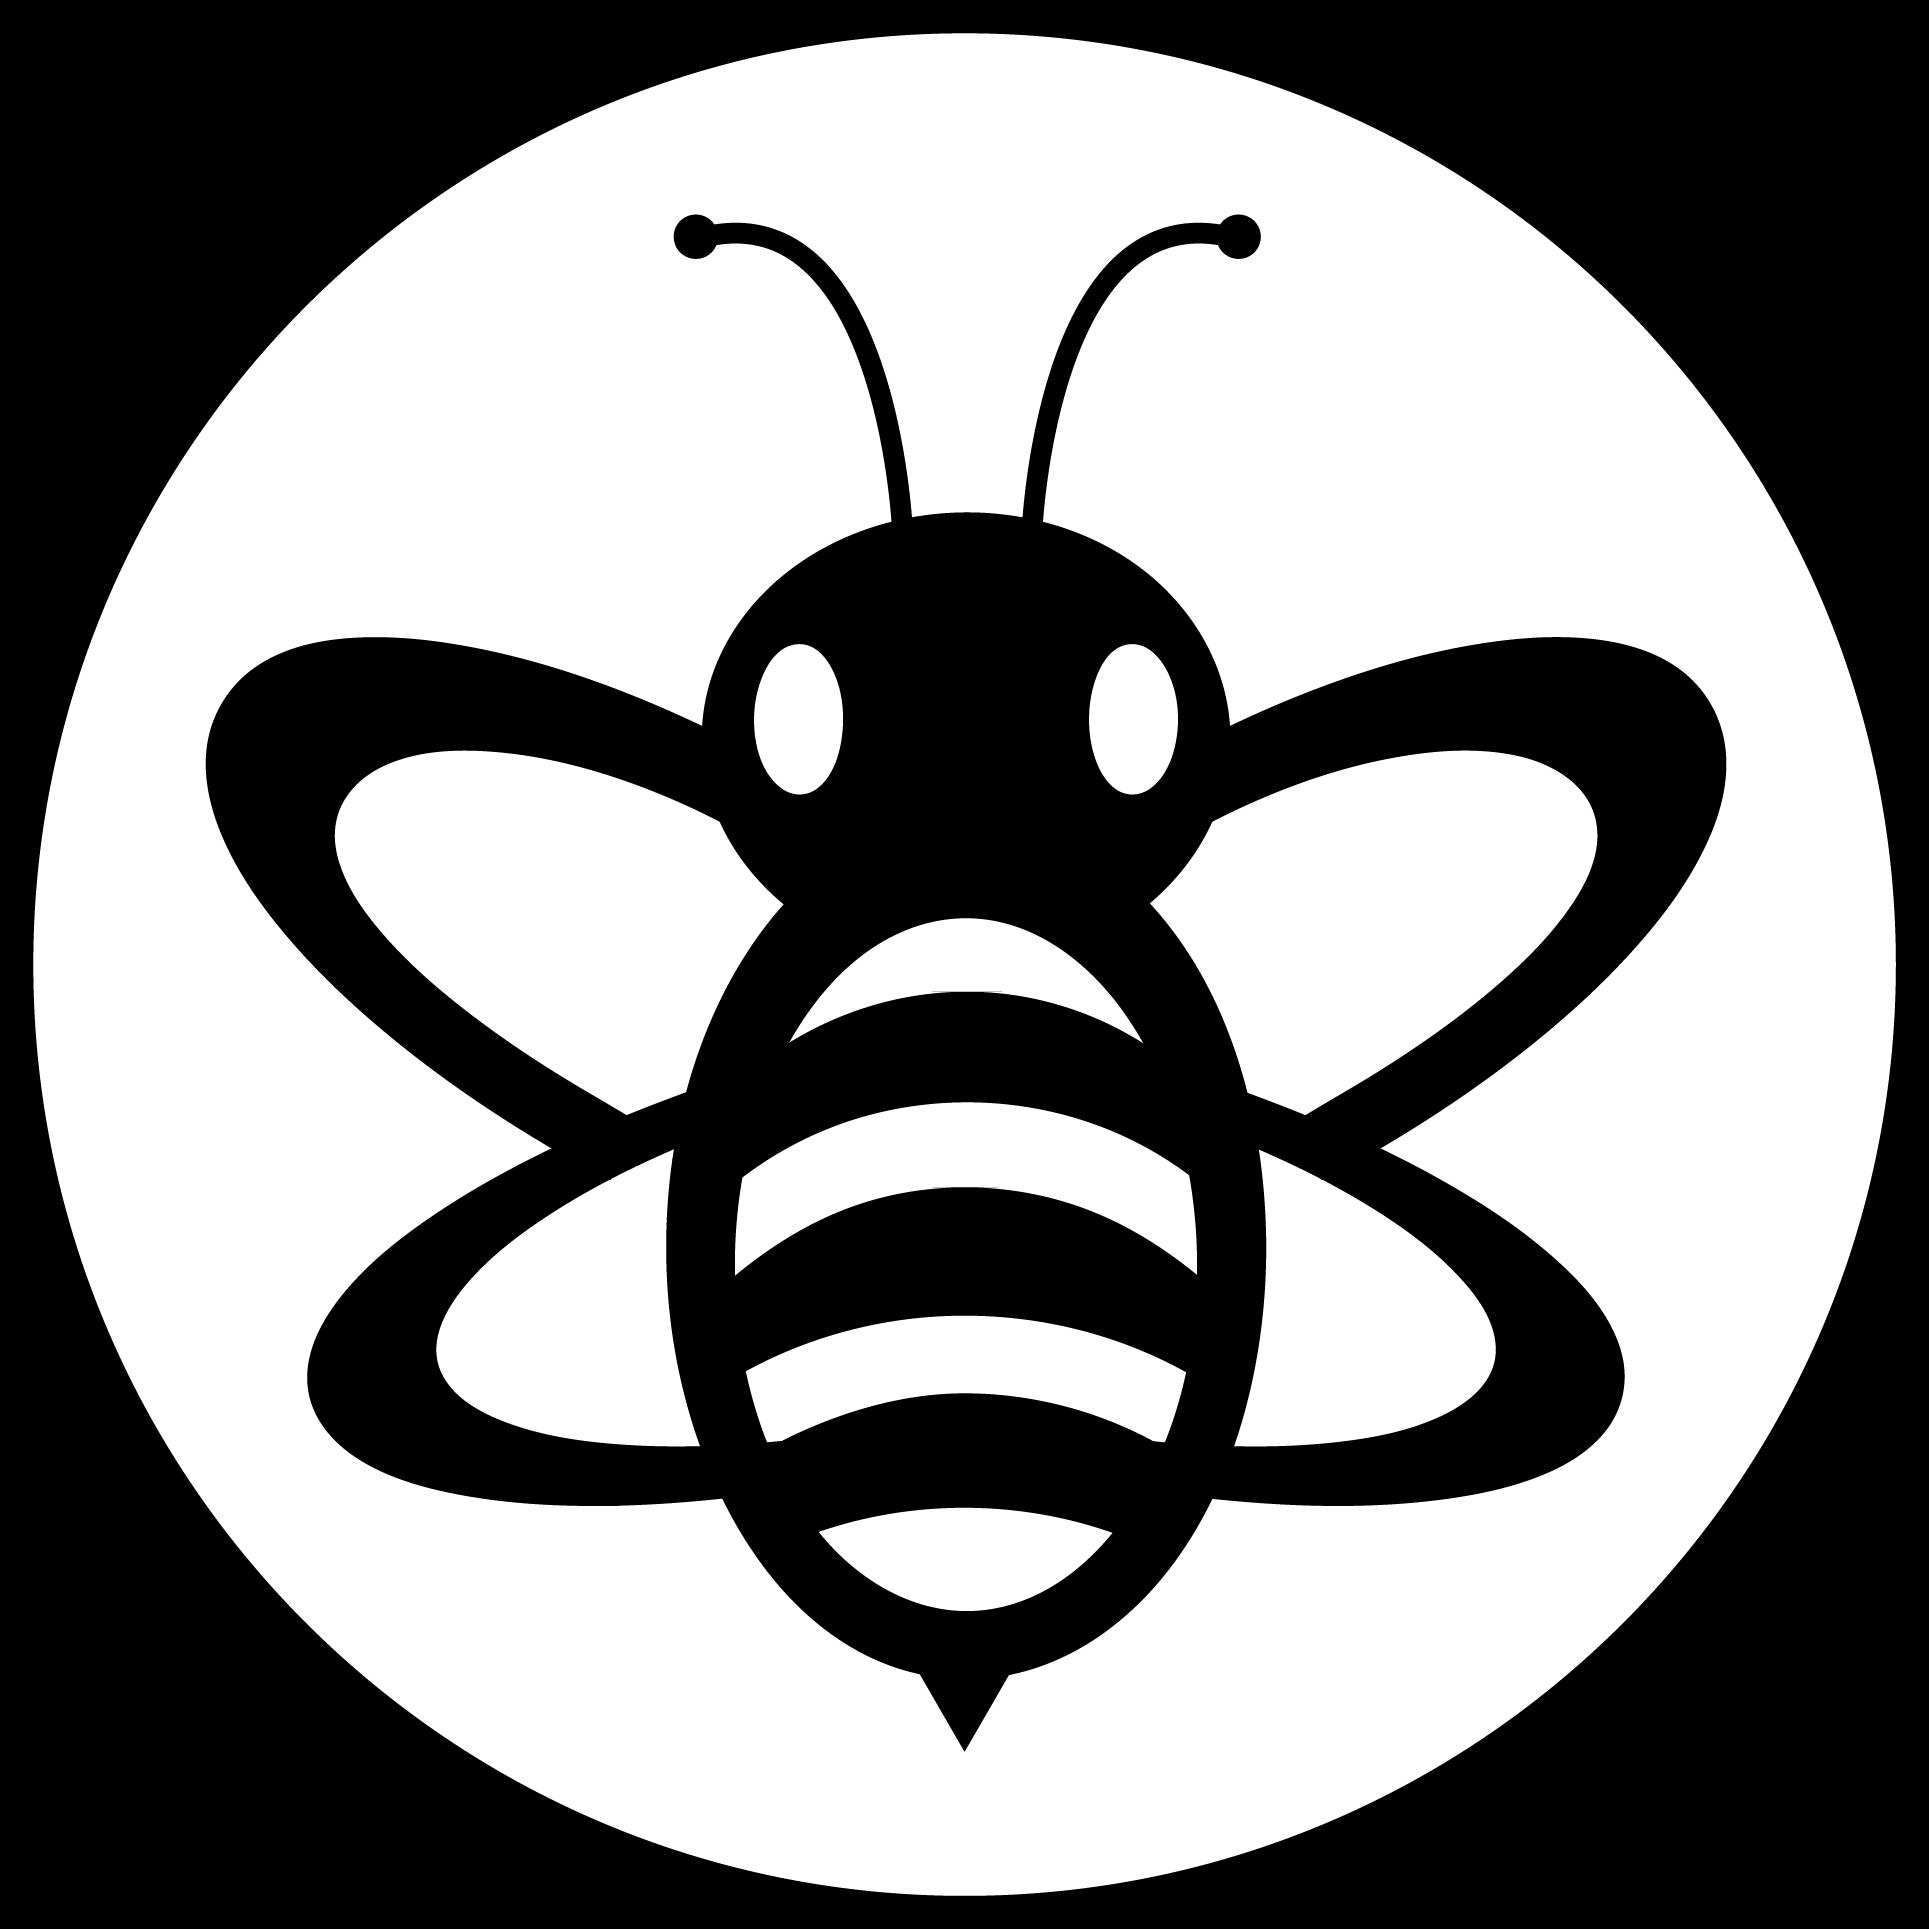 bzz bee